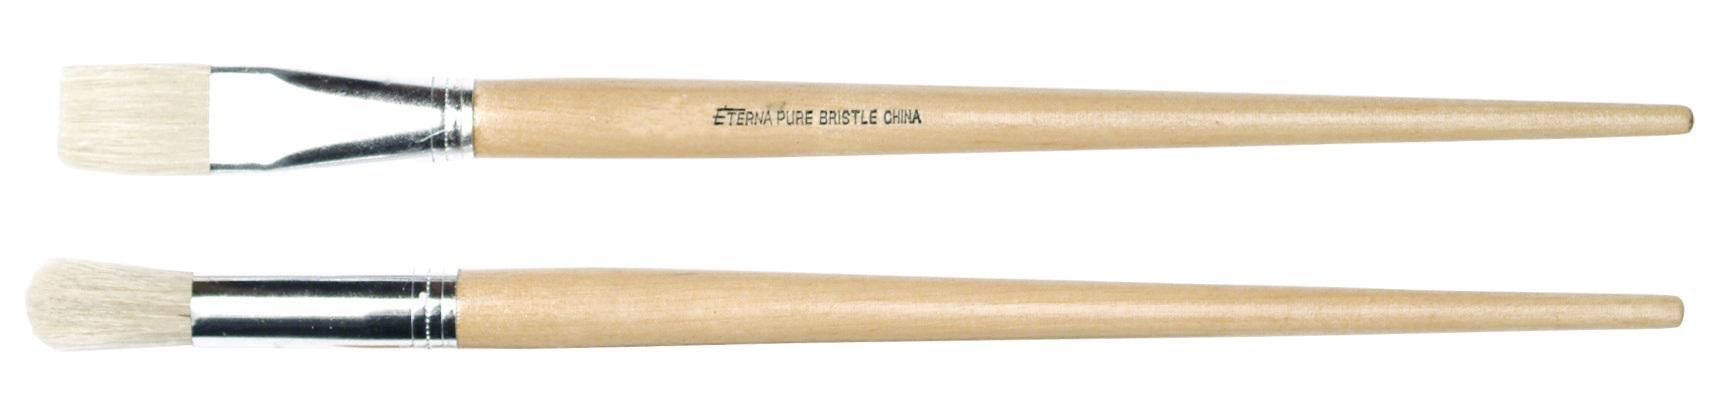 No.1 Round Hog Brush